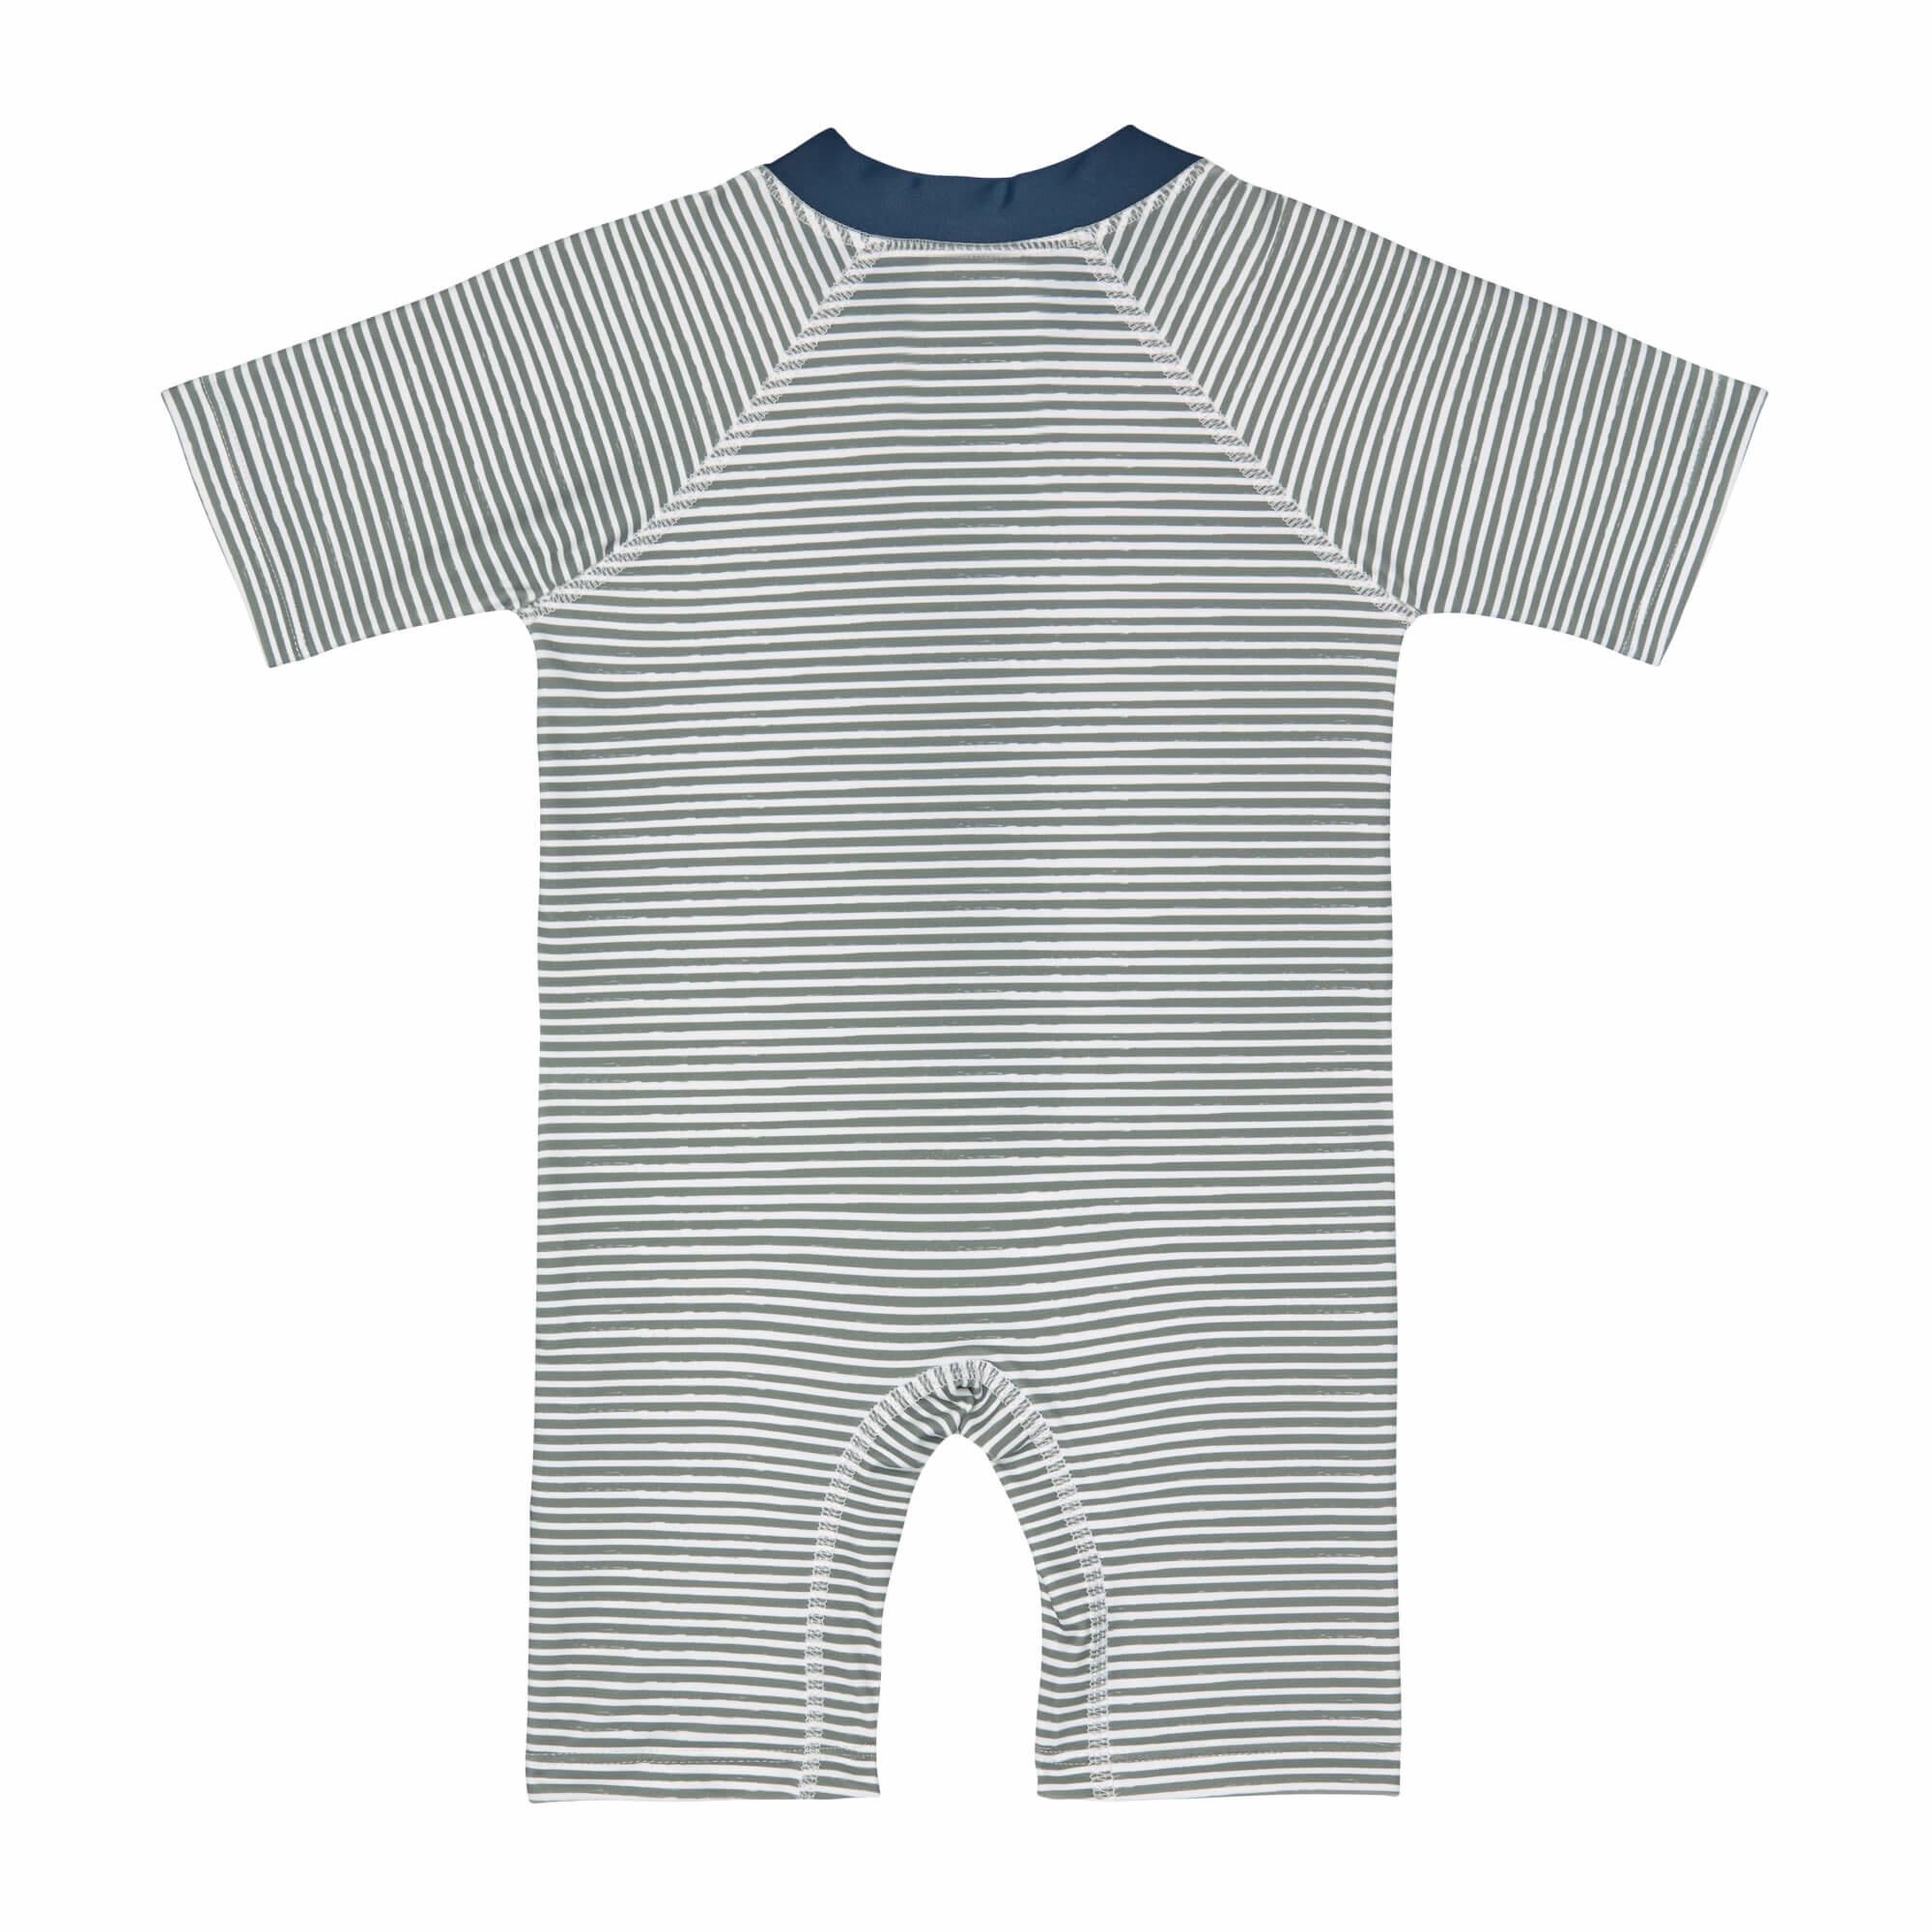 Lässig Lässig Splash & Fun korte mouw zon- en zwempak Striped blue